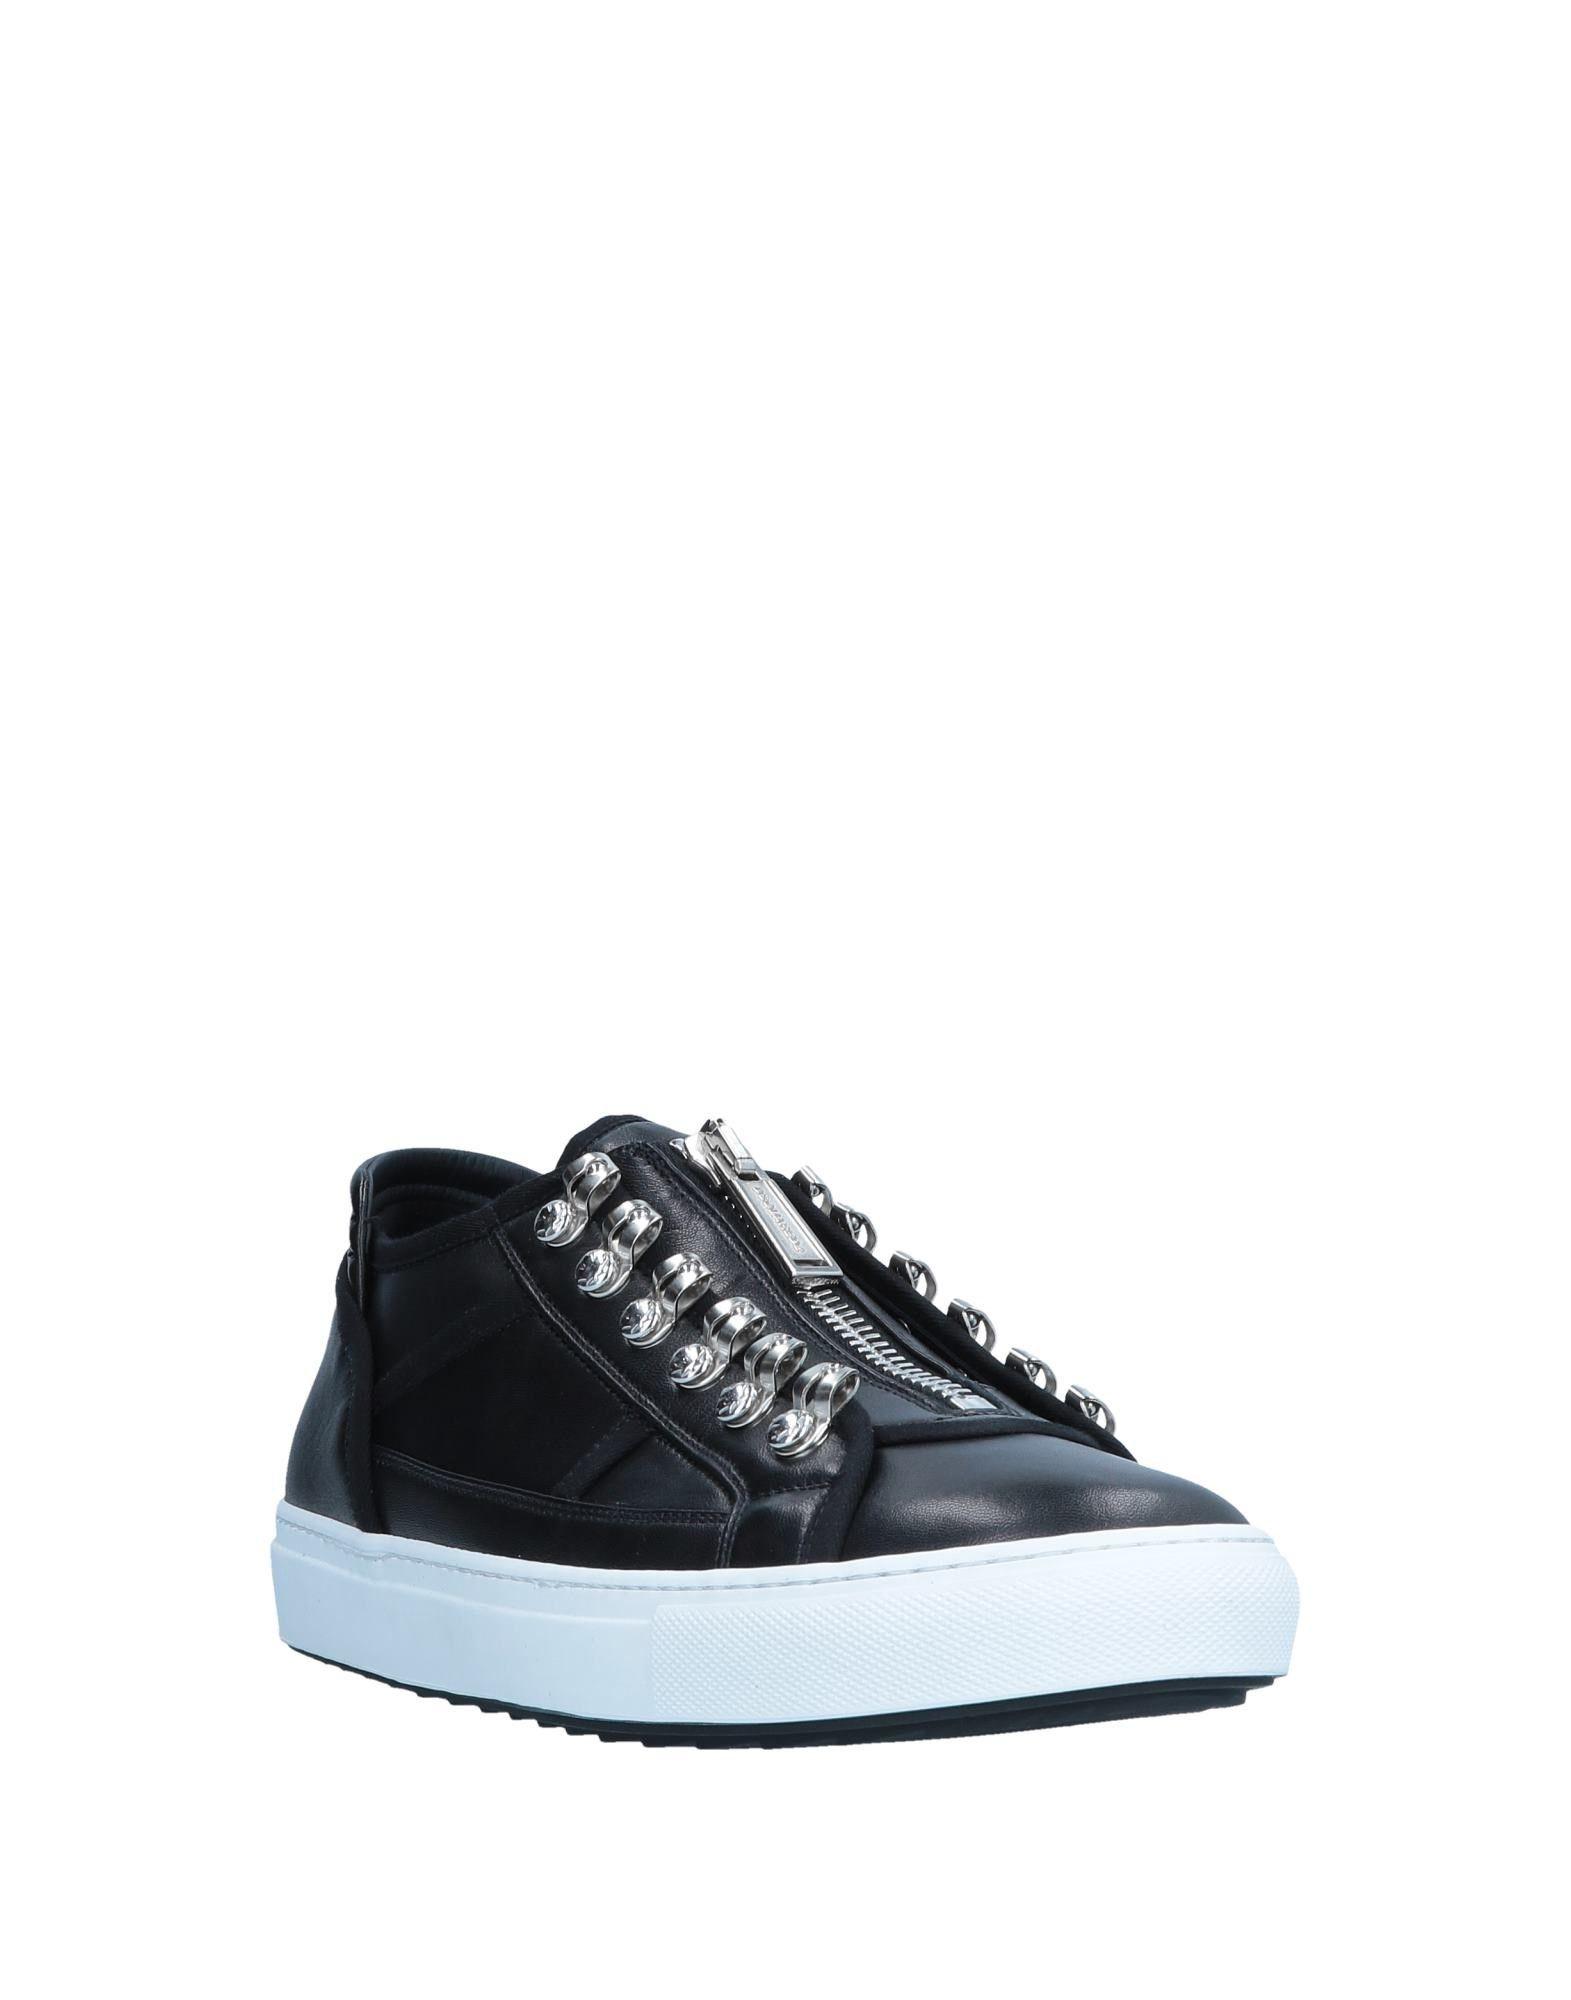 Dsquared2 Sneakers Herren beliebte  11555857II Gute Qualität beliebte Herren Schuhe c96b94